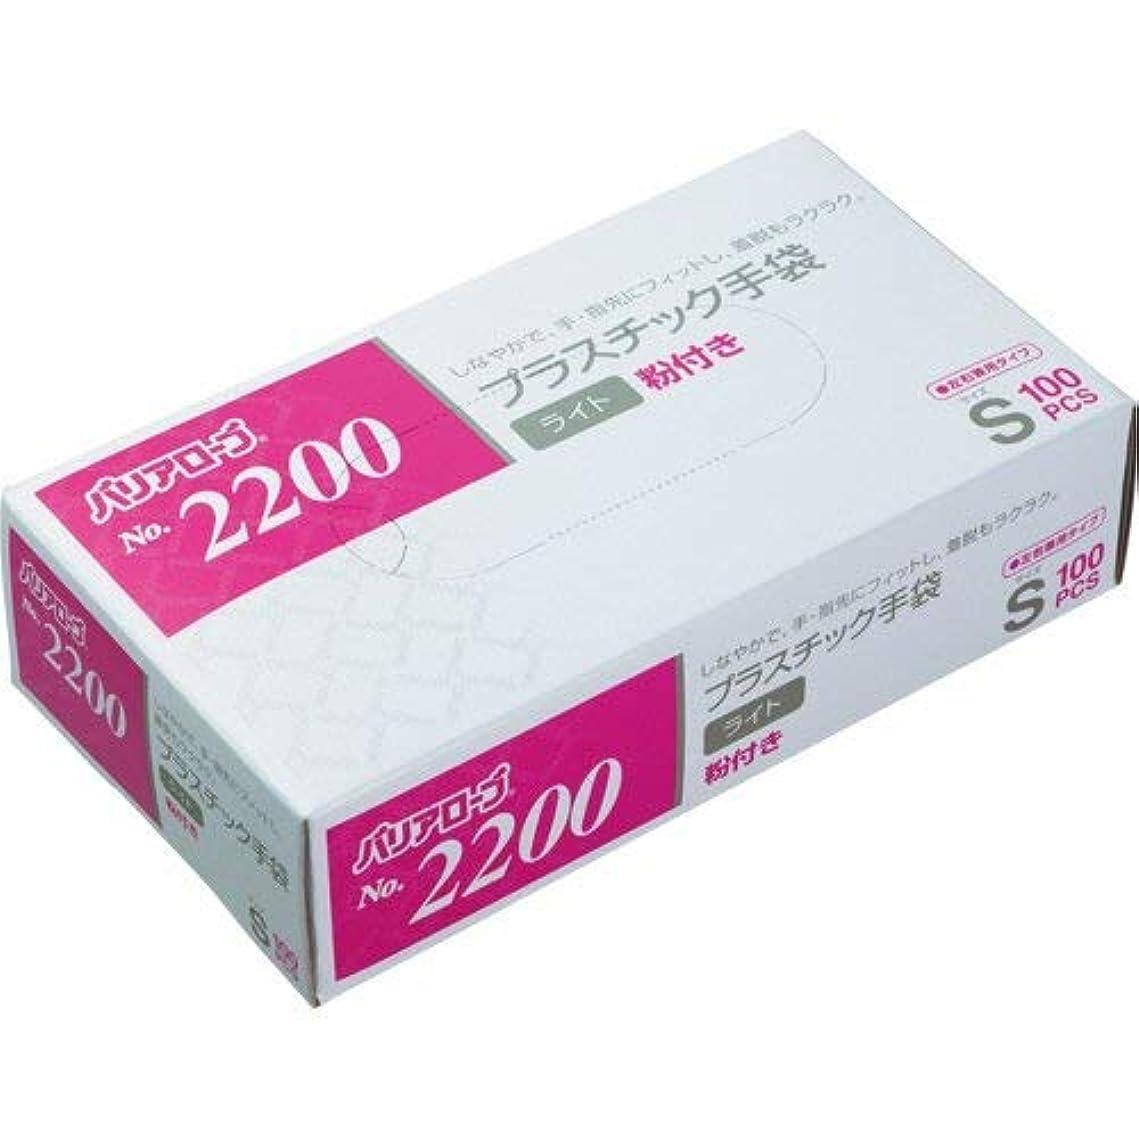 遵守するバット接地【ケース販売】 バリアローブ №2200 プラスチック手袋 ライト (粉付き) S 2000枚(100枚×20箱)